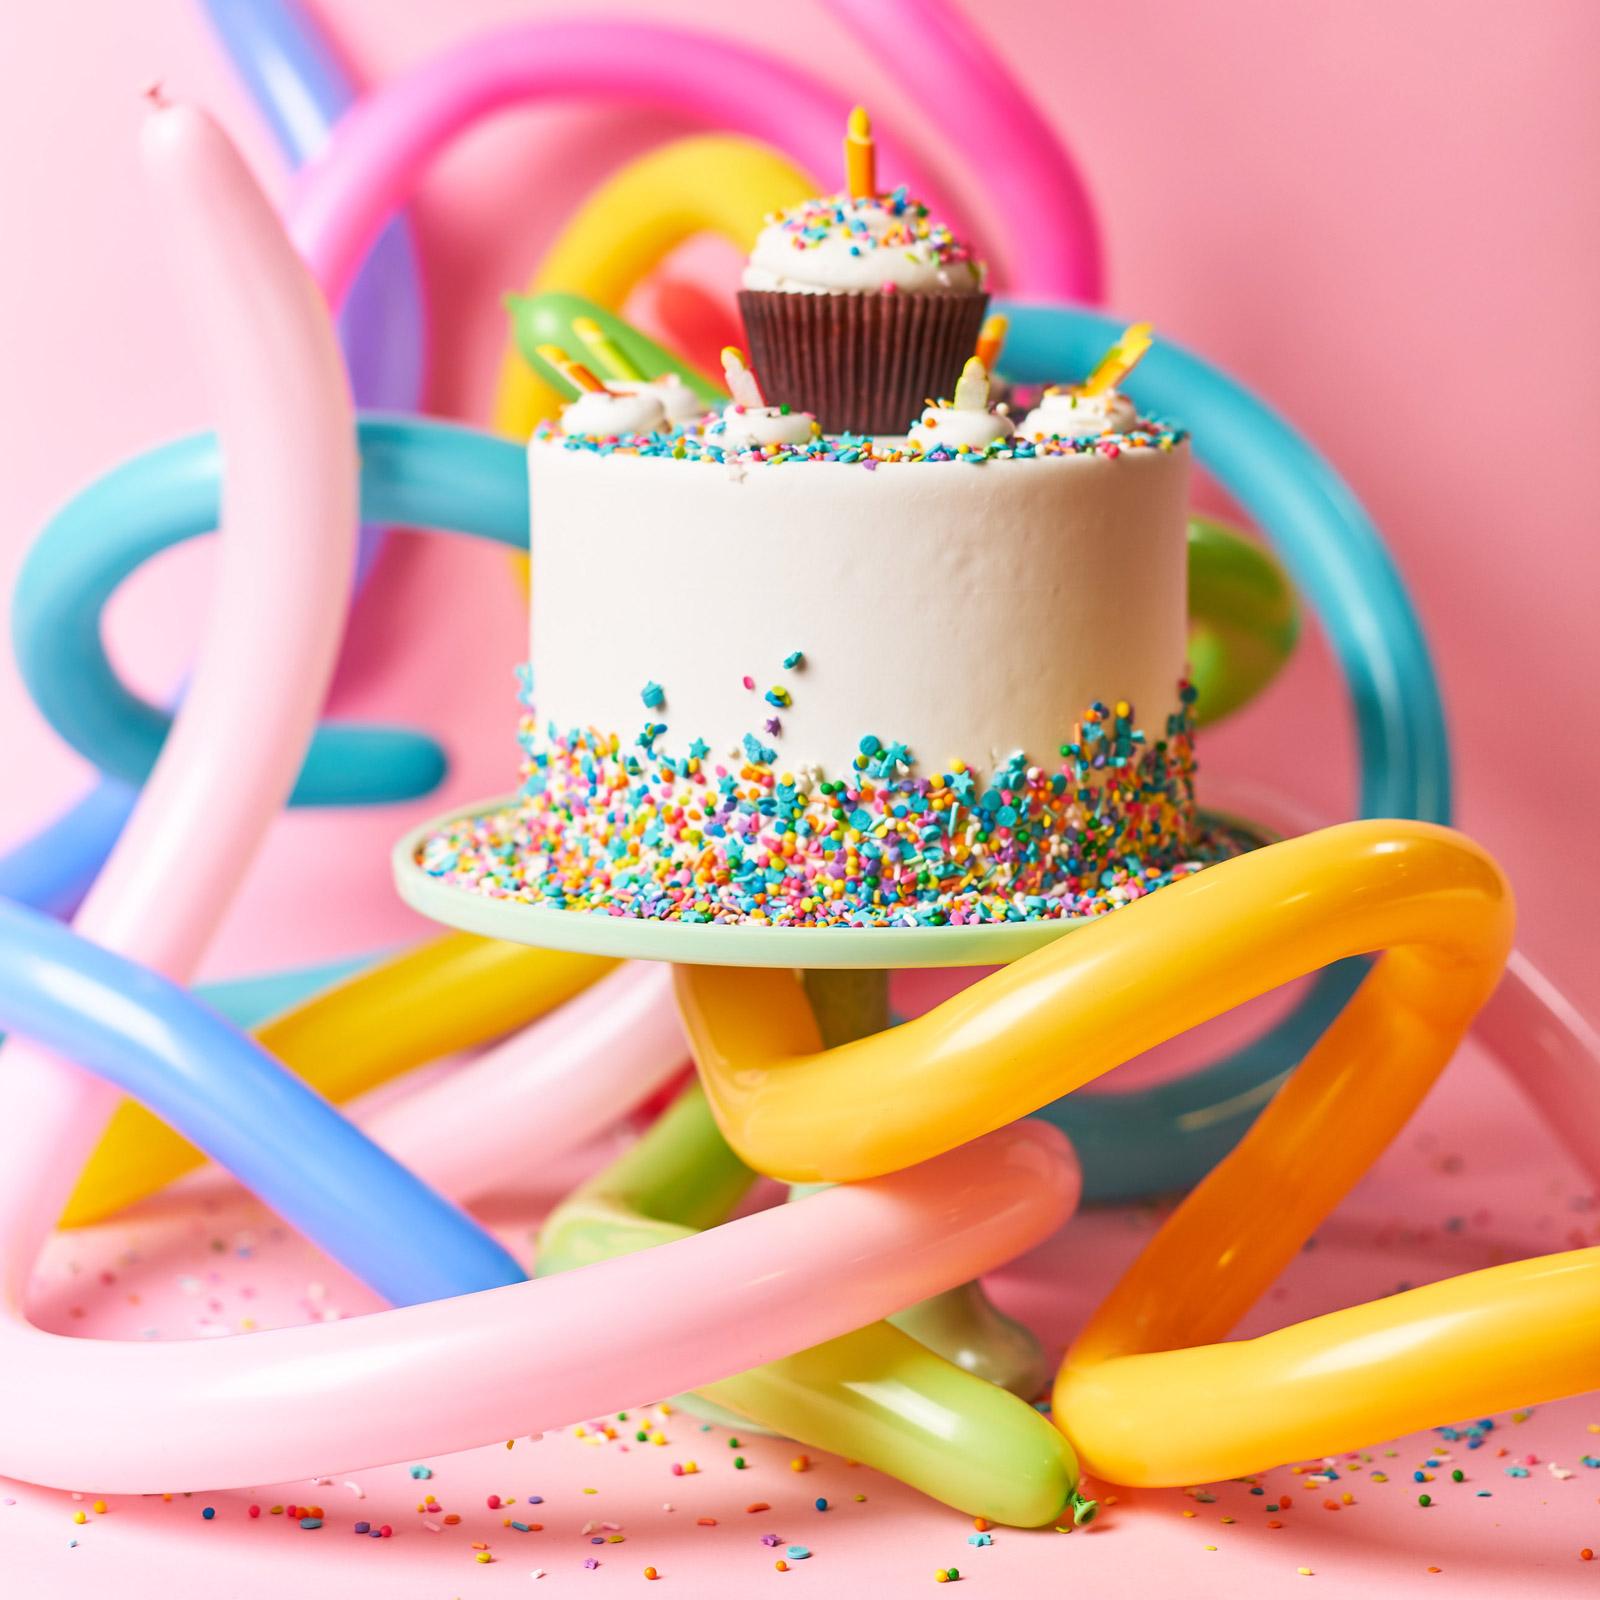 dd_sweets_8.jpg